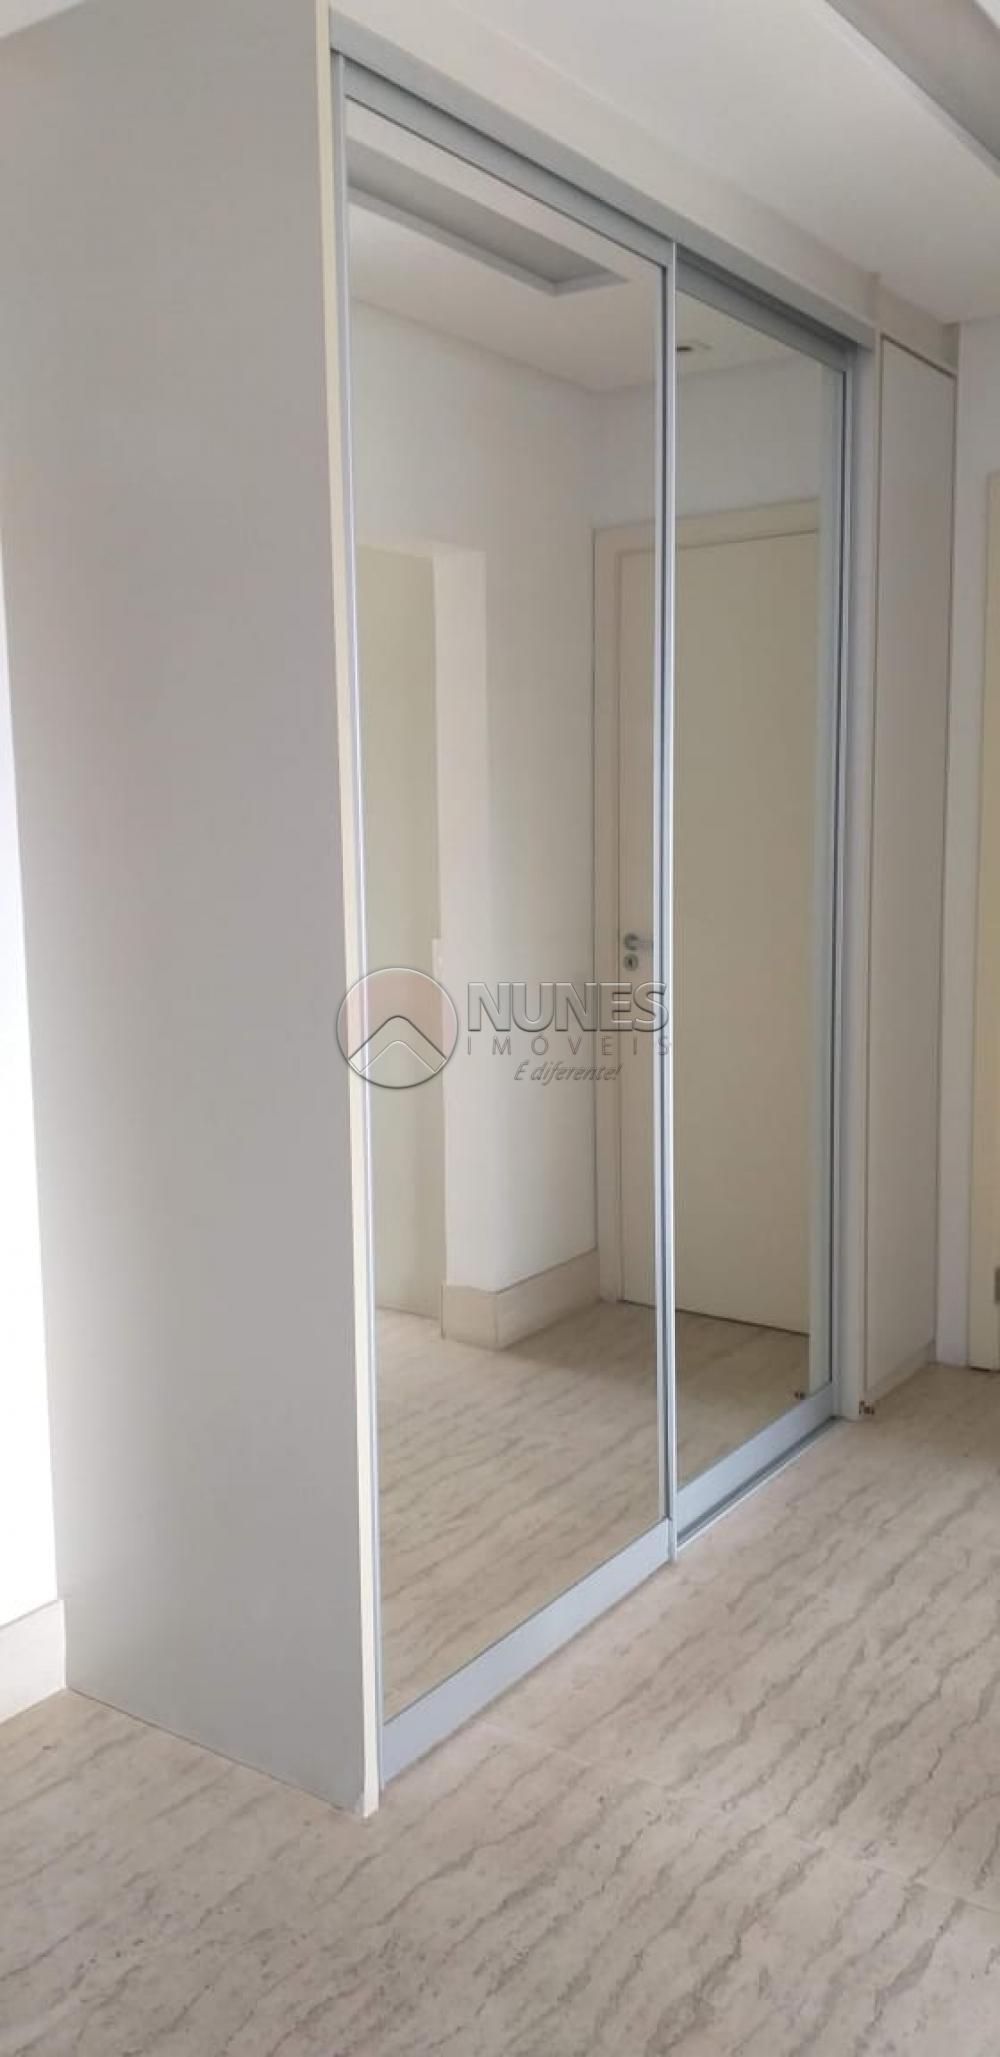 Comprar Apartamento / Padrão em São Paulo apenas R$ 1.915.000,00 - Foto 18